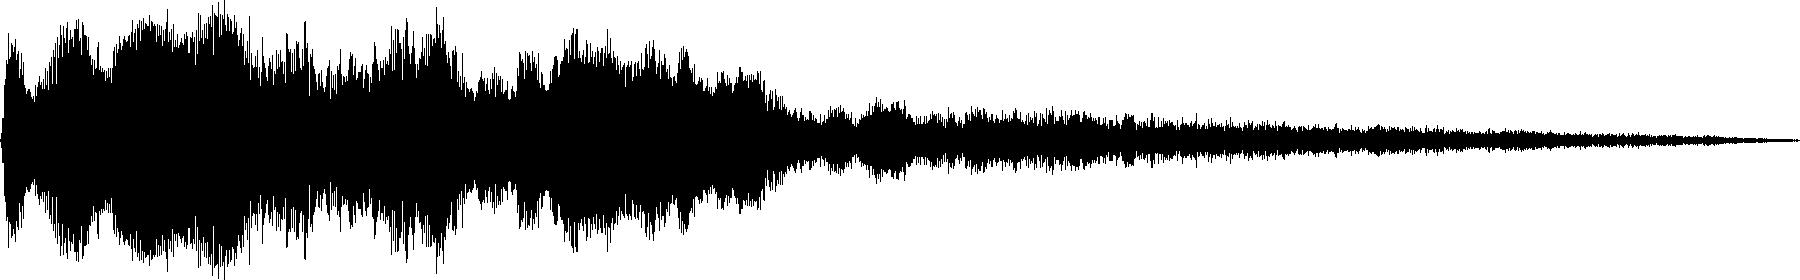 vfx1 atmos 49